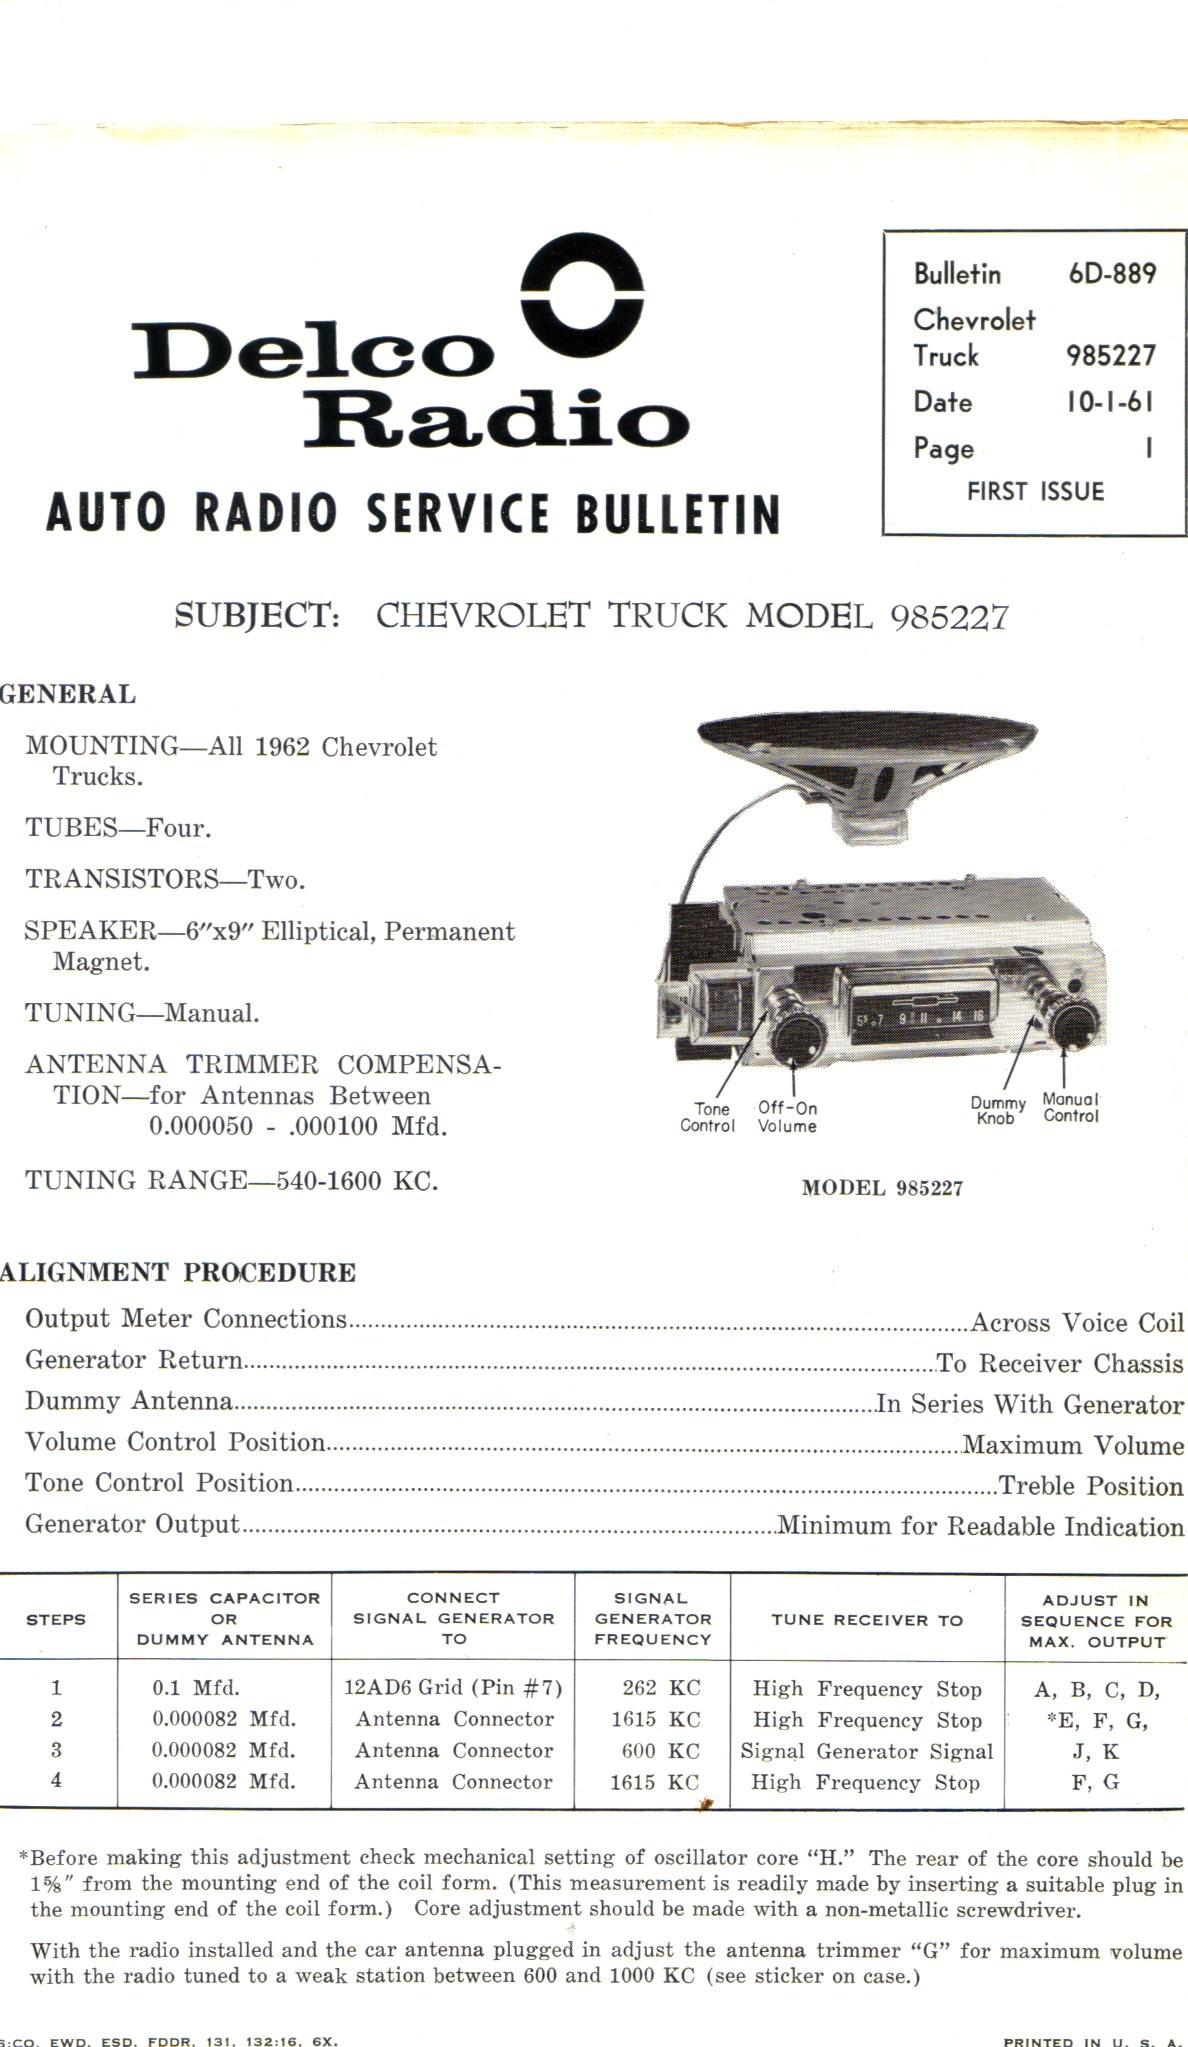 1979 el camino stereo wiring diagram wiring schematics and diagrams 1969 delco radio wiring diagram digital